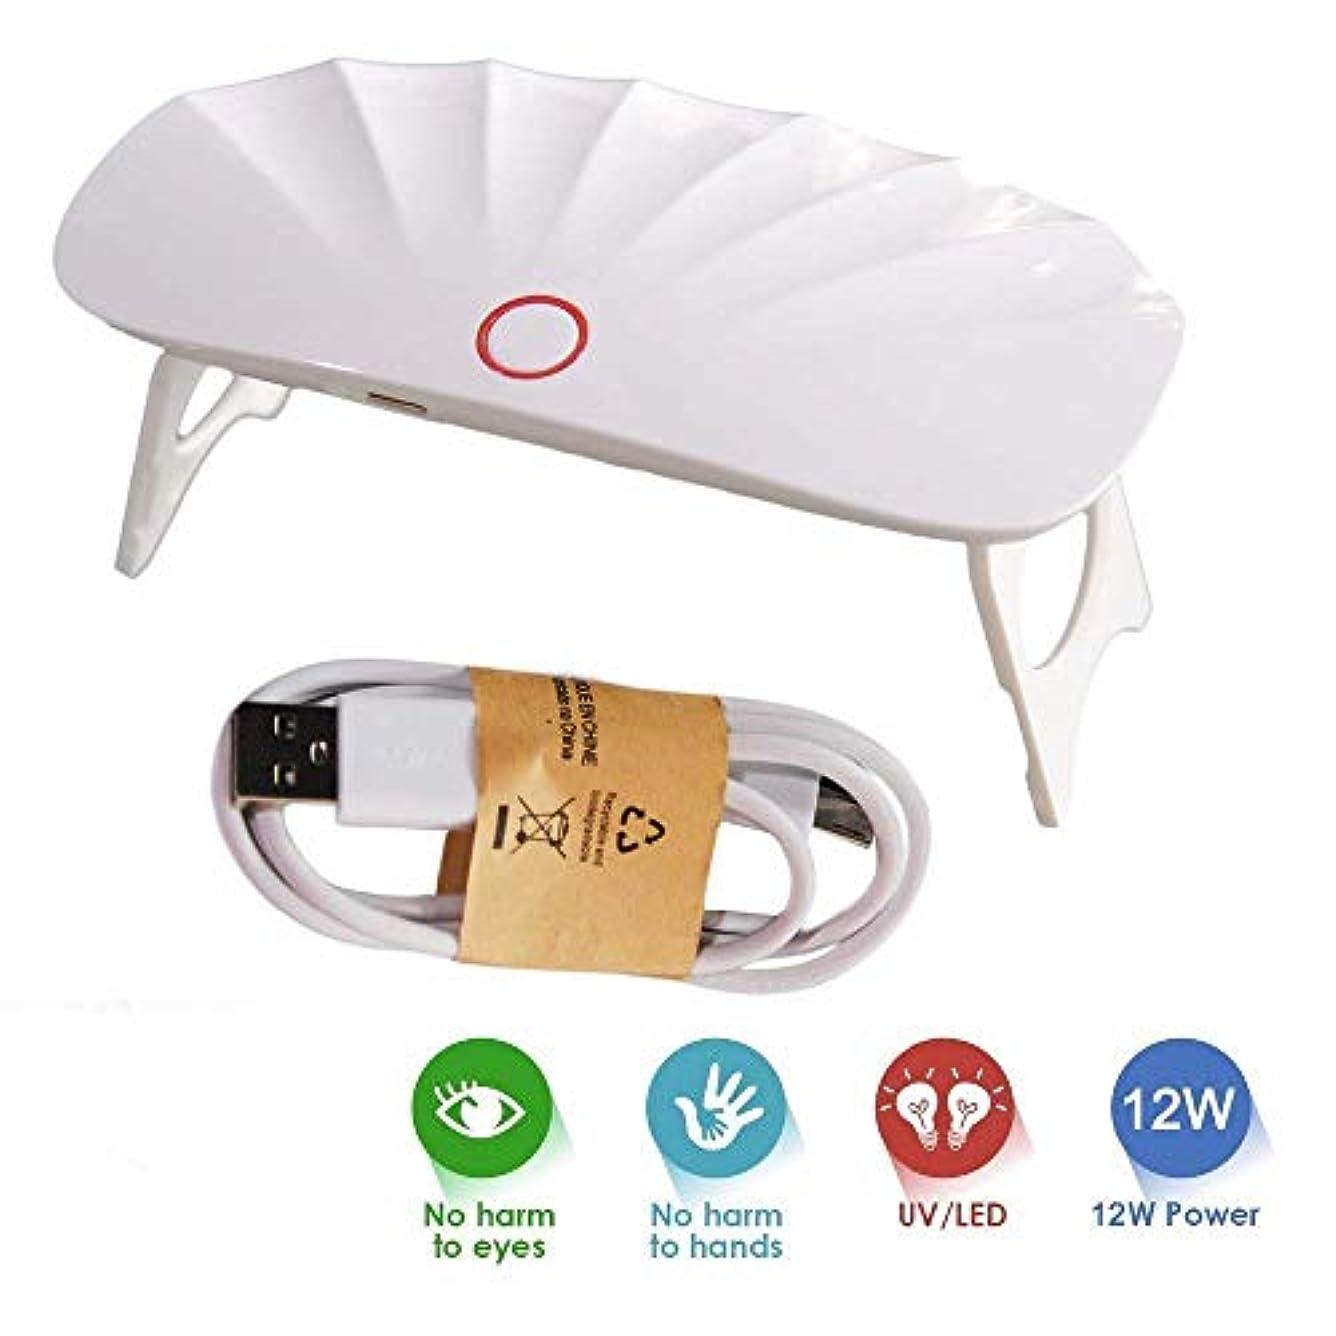 過敏な花弁プラットフォームネイルドライヤー12ワットuvランプ新しいデザインポータブルusbケーブル使用30 s / 60 sミニ光線療法機シェルライトledネイルドライヤー